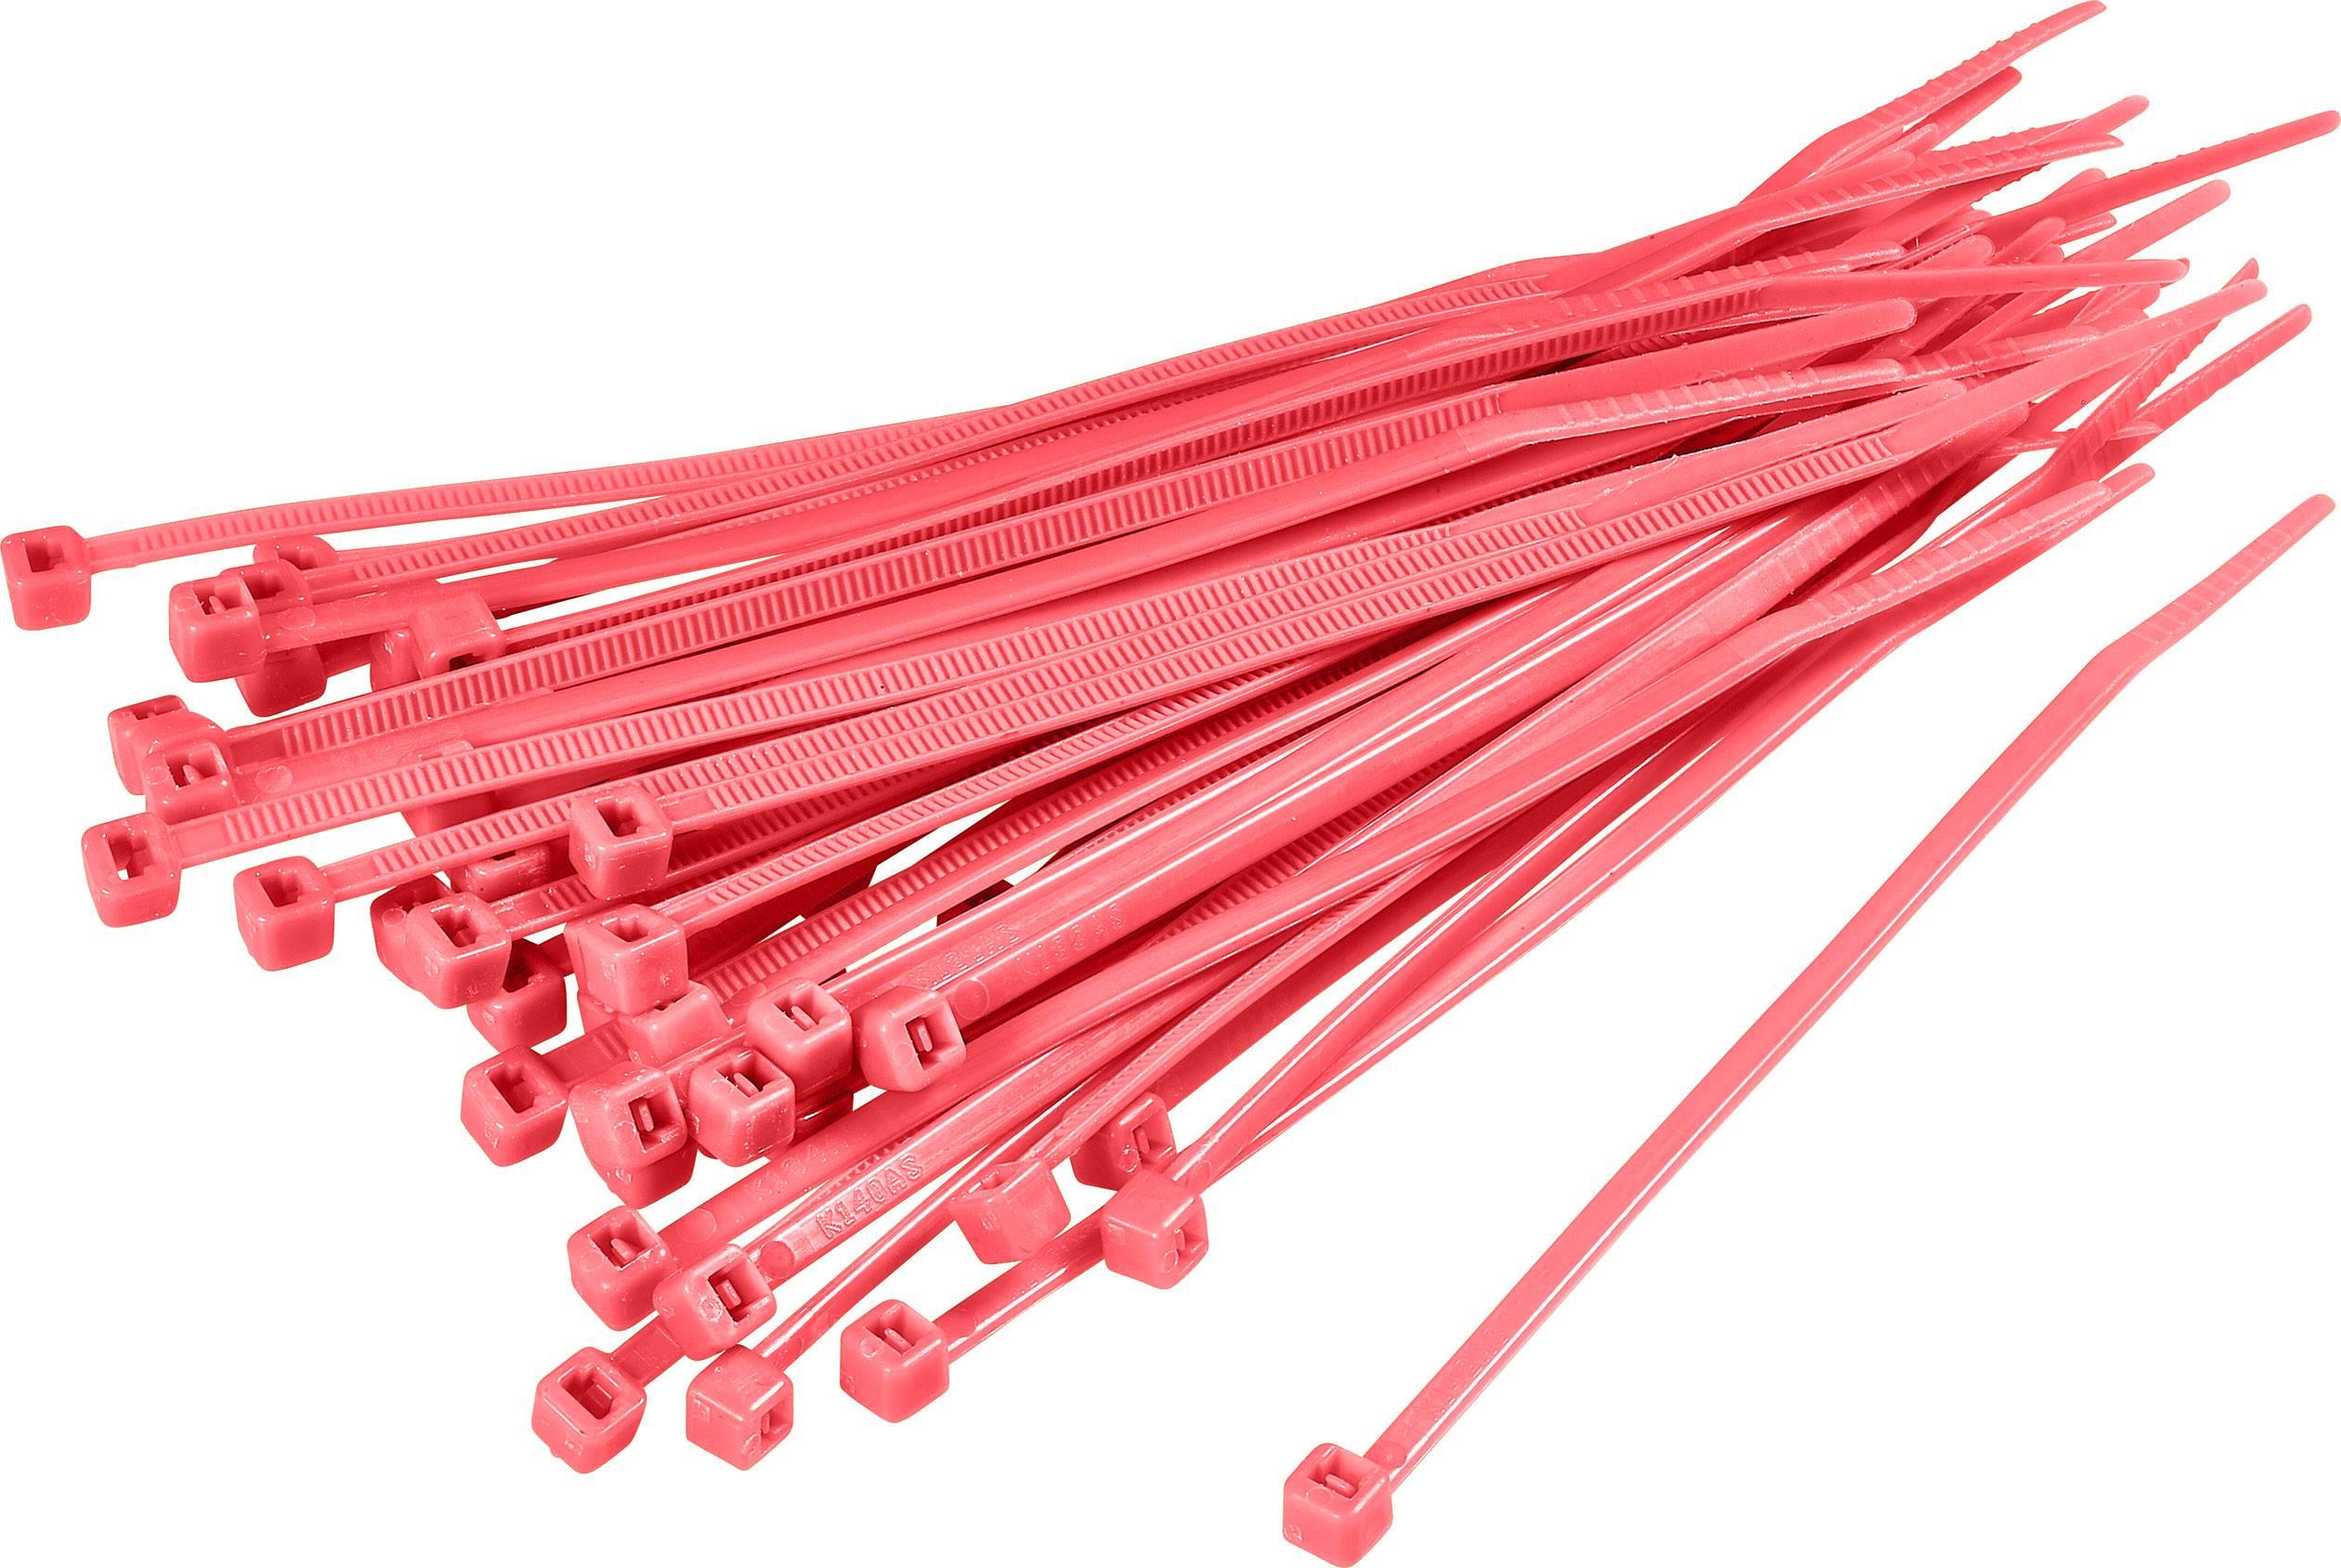 Sťahovacie pásky KSS CV300S 1369104, 300 mm, červená, 100 ks